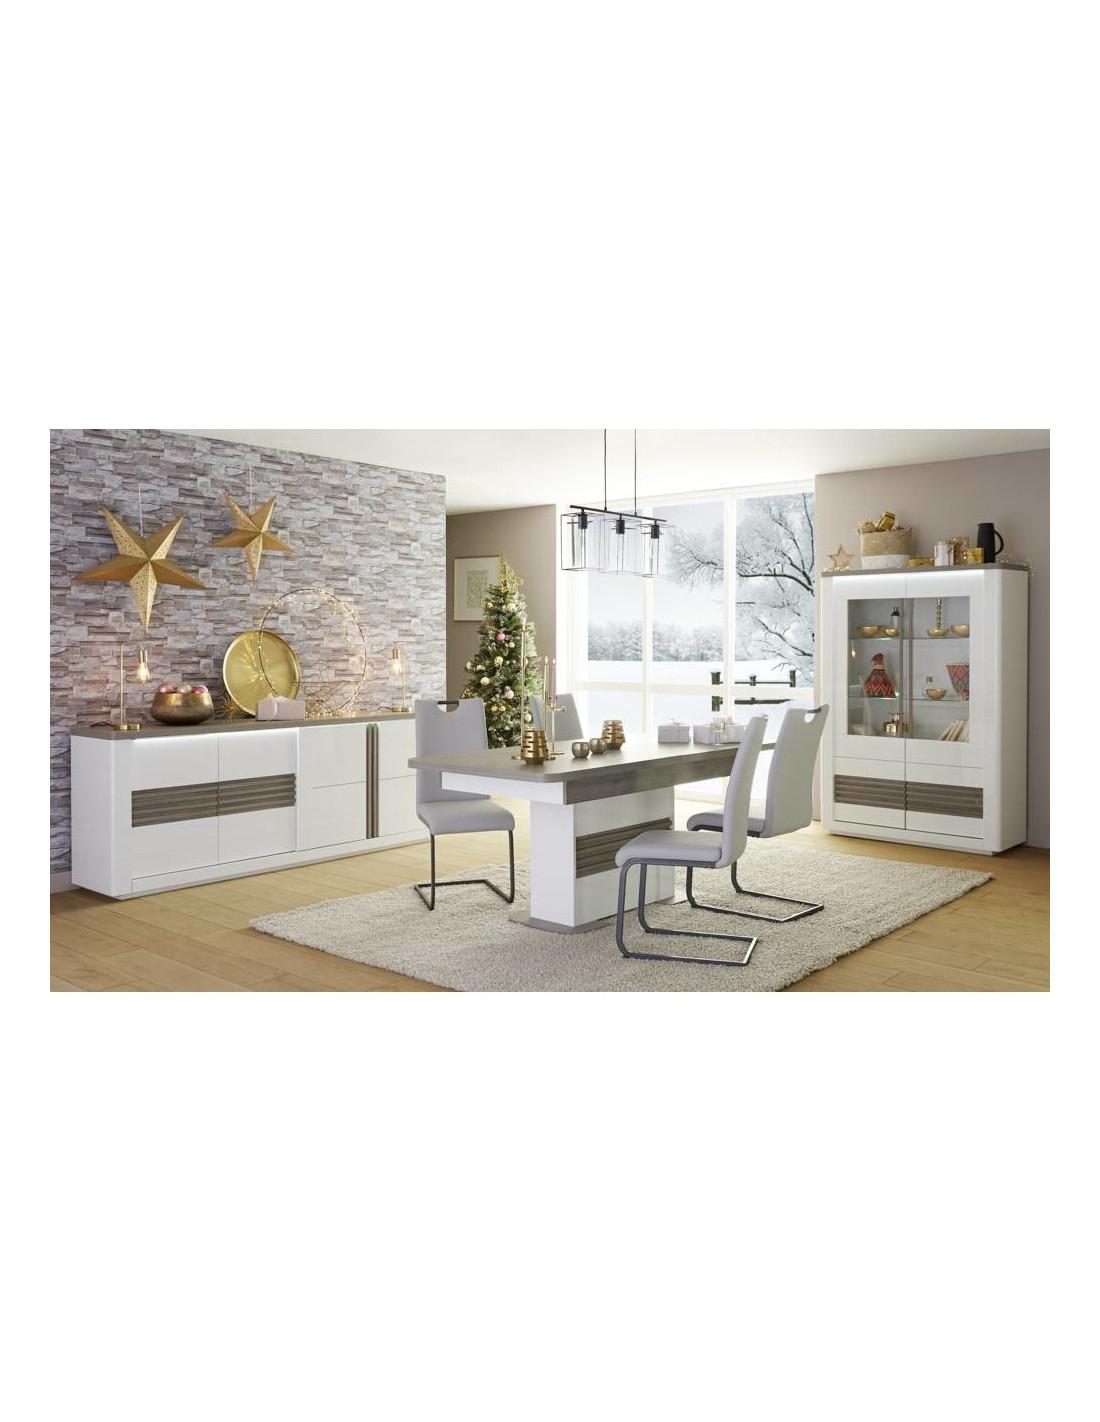 Table L180+ All Vertigo Blanc/Chêne Gris - Table But encequiconcerne Salle A Manger Vertigo